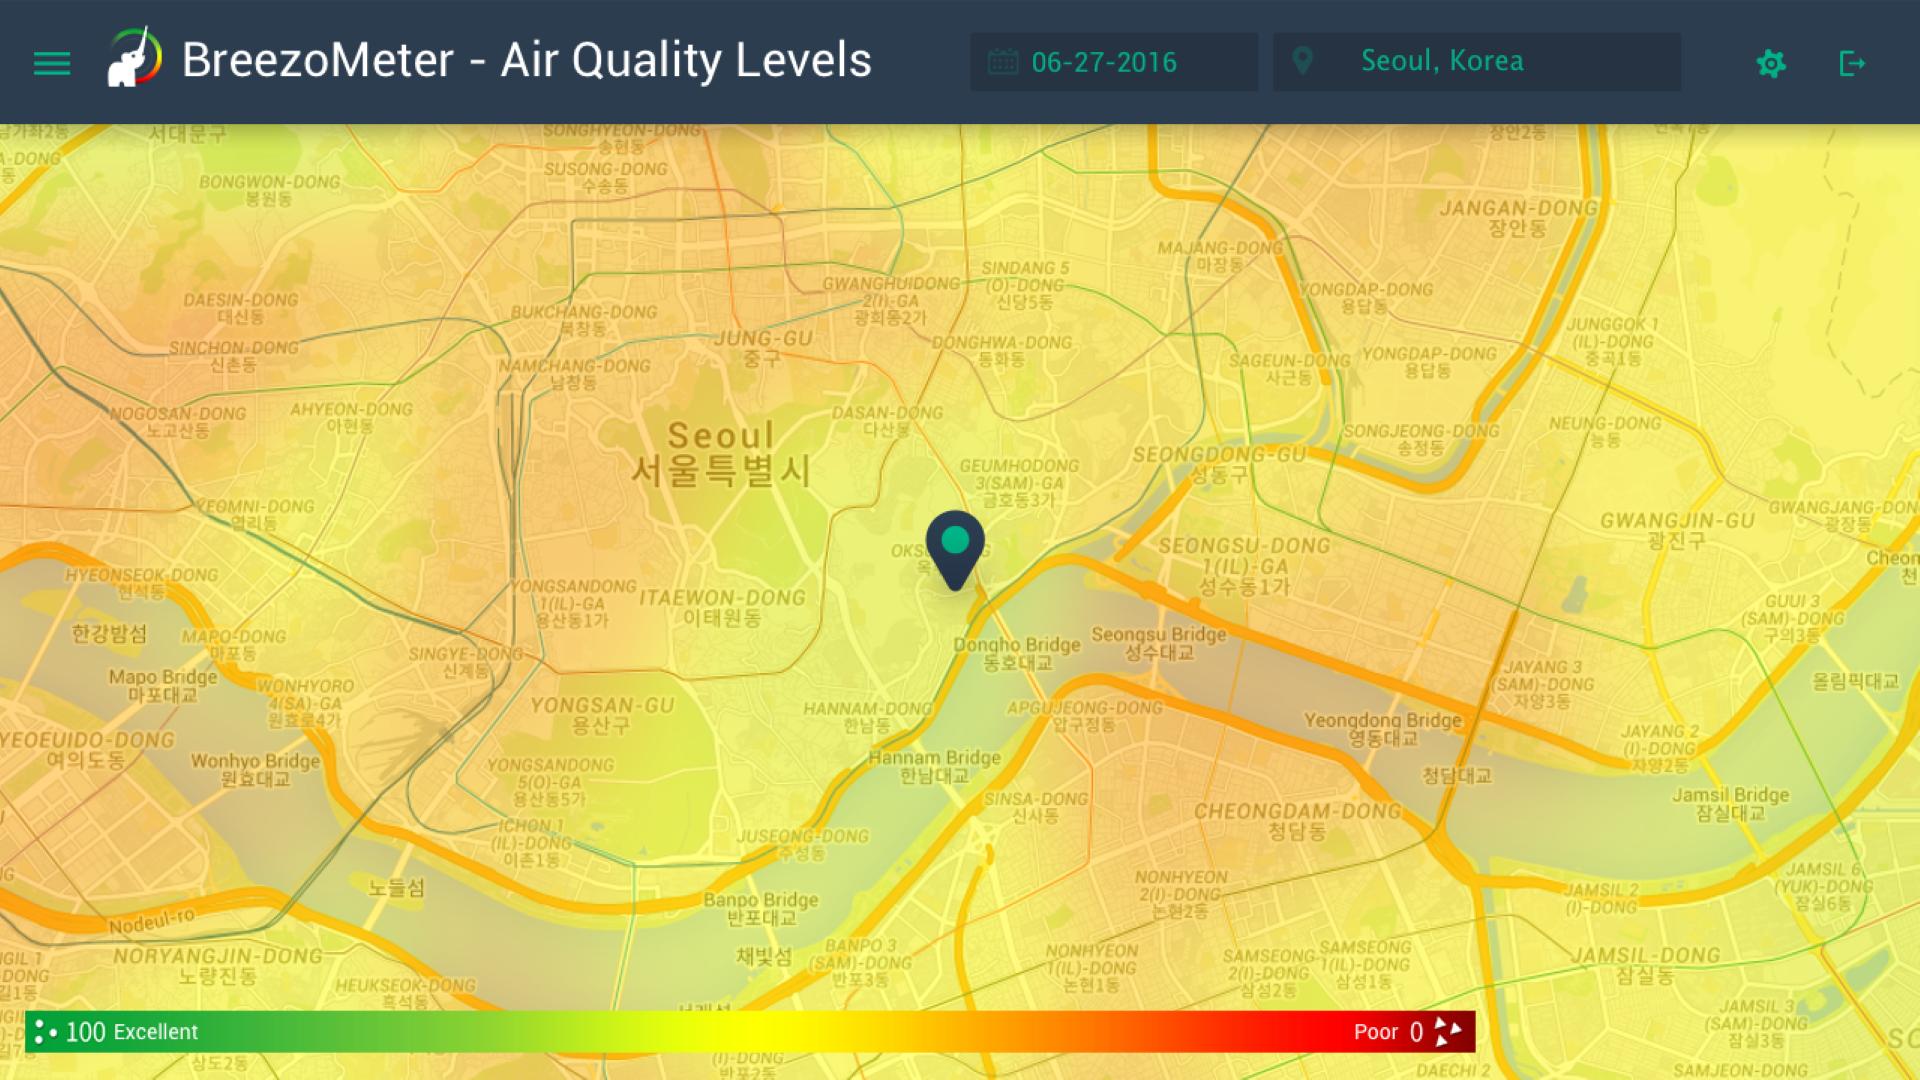 תמונת זיהום האוויר בדרום קוריאה (מתוך האפליקציה) ()